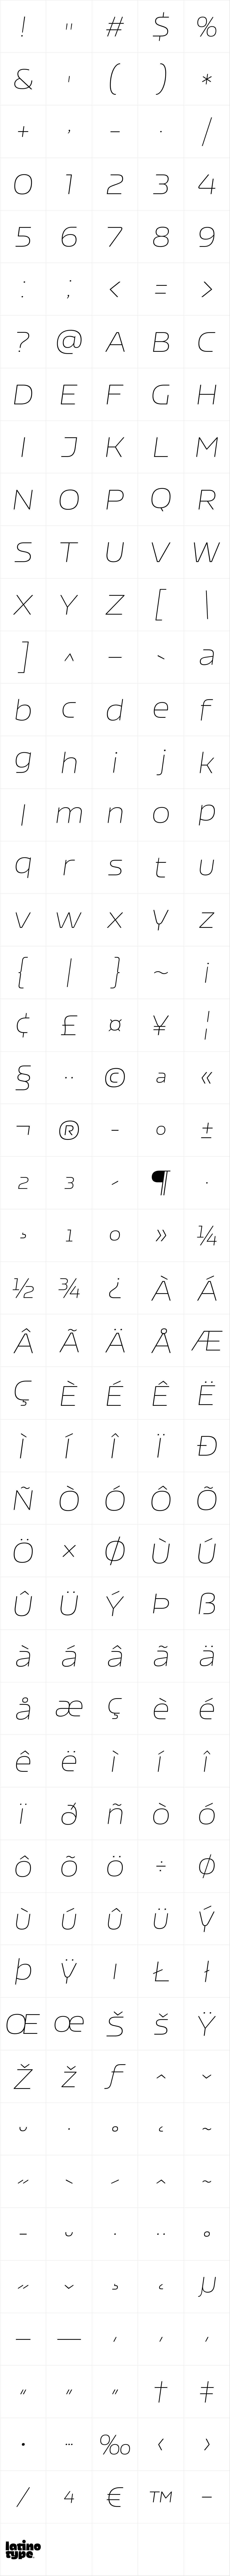 Nizzoli Rounded Thin Italic